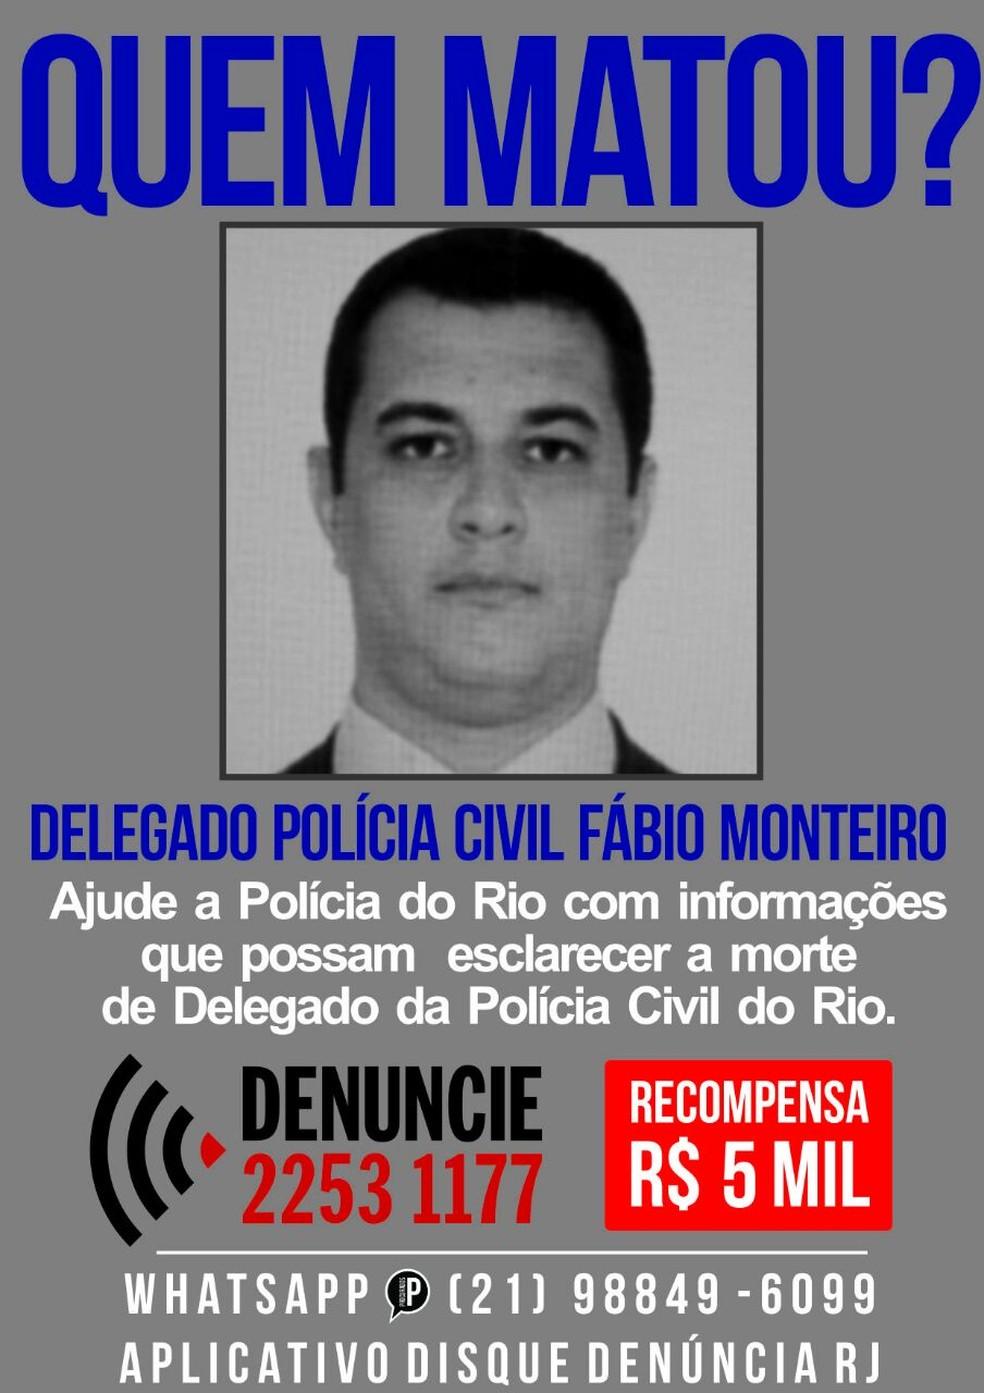 Portal dos Procurados pede informações (Foto: Divulgação)